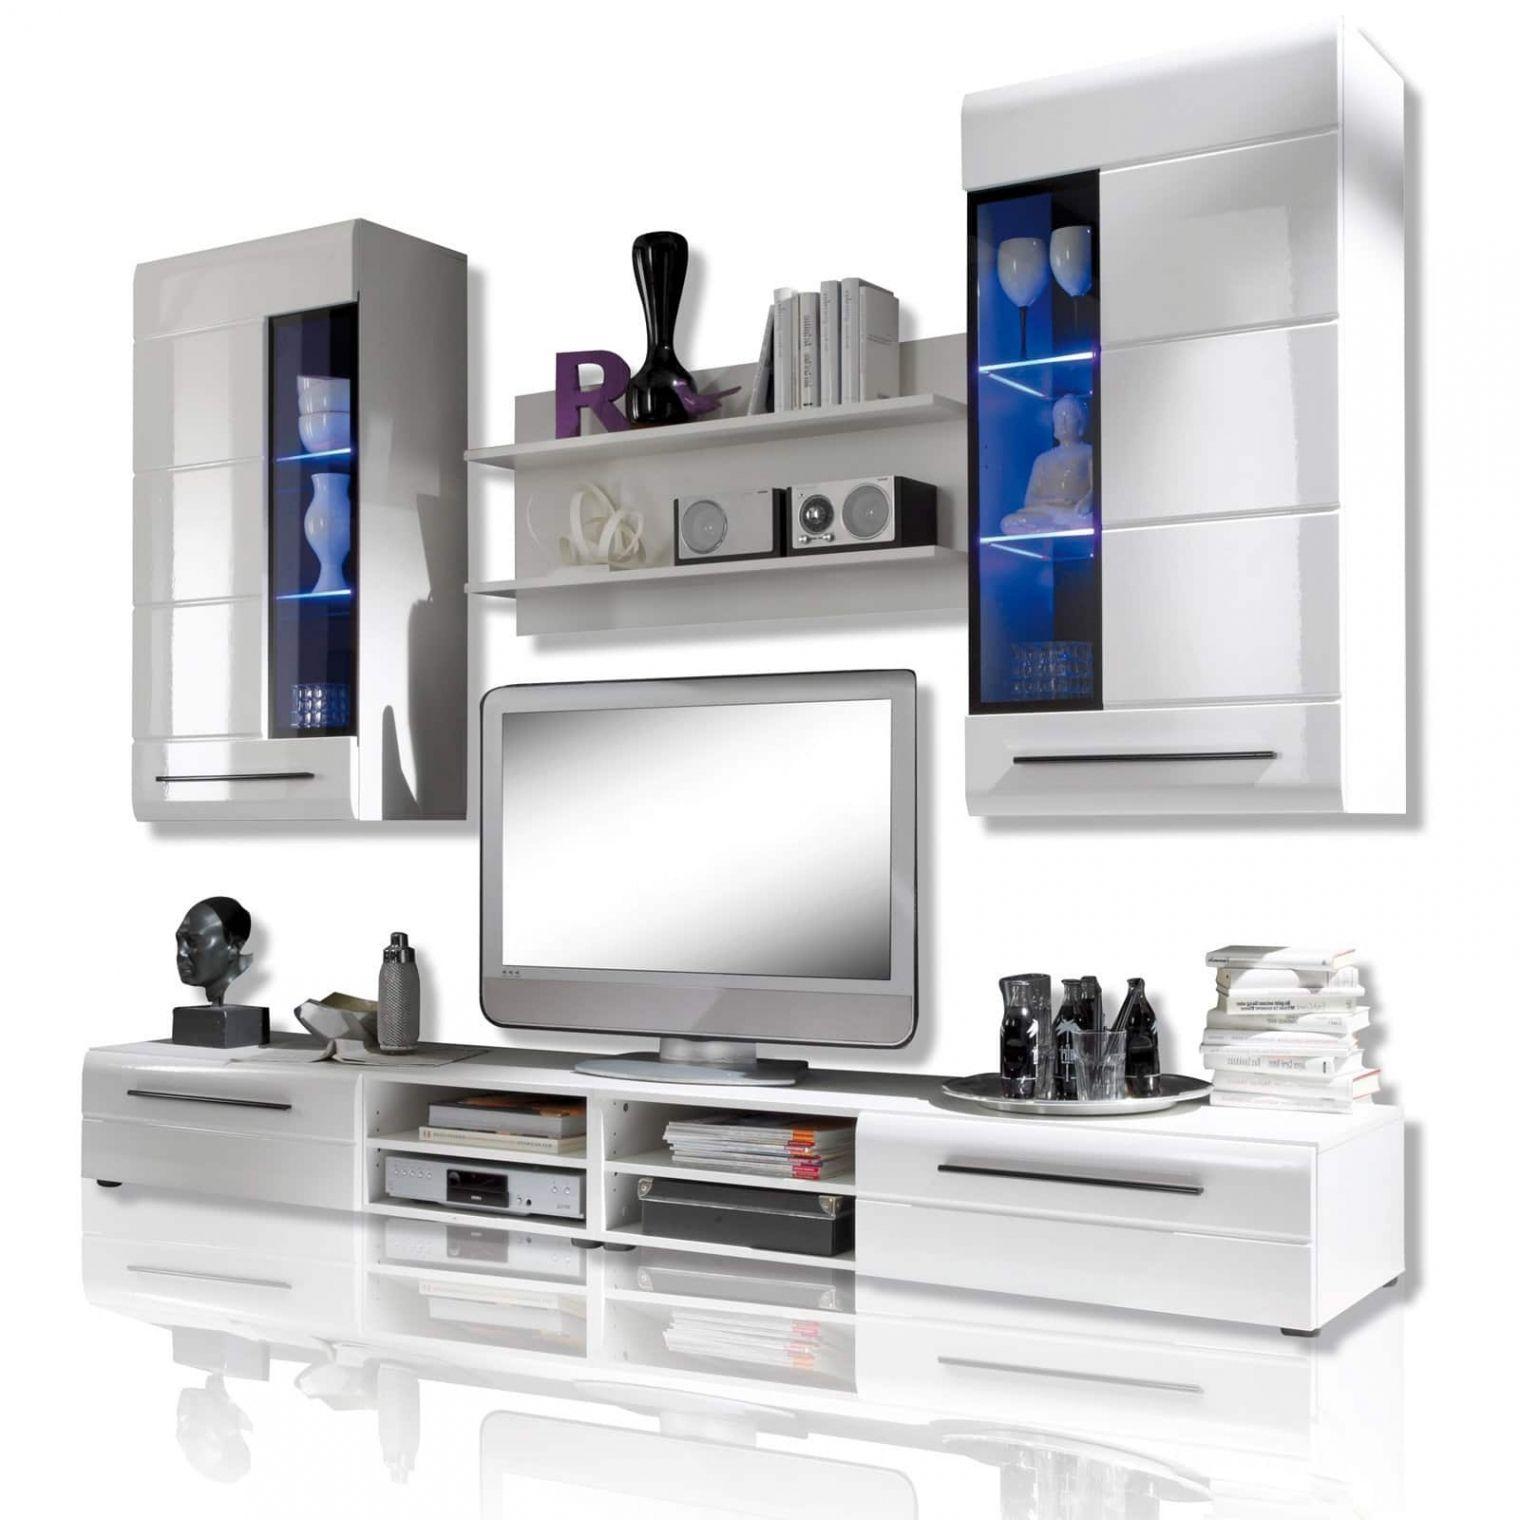 Beste Von Wohnzimmer Mobel Roller Wohnzimmermobel Tv